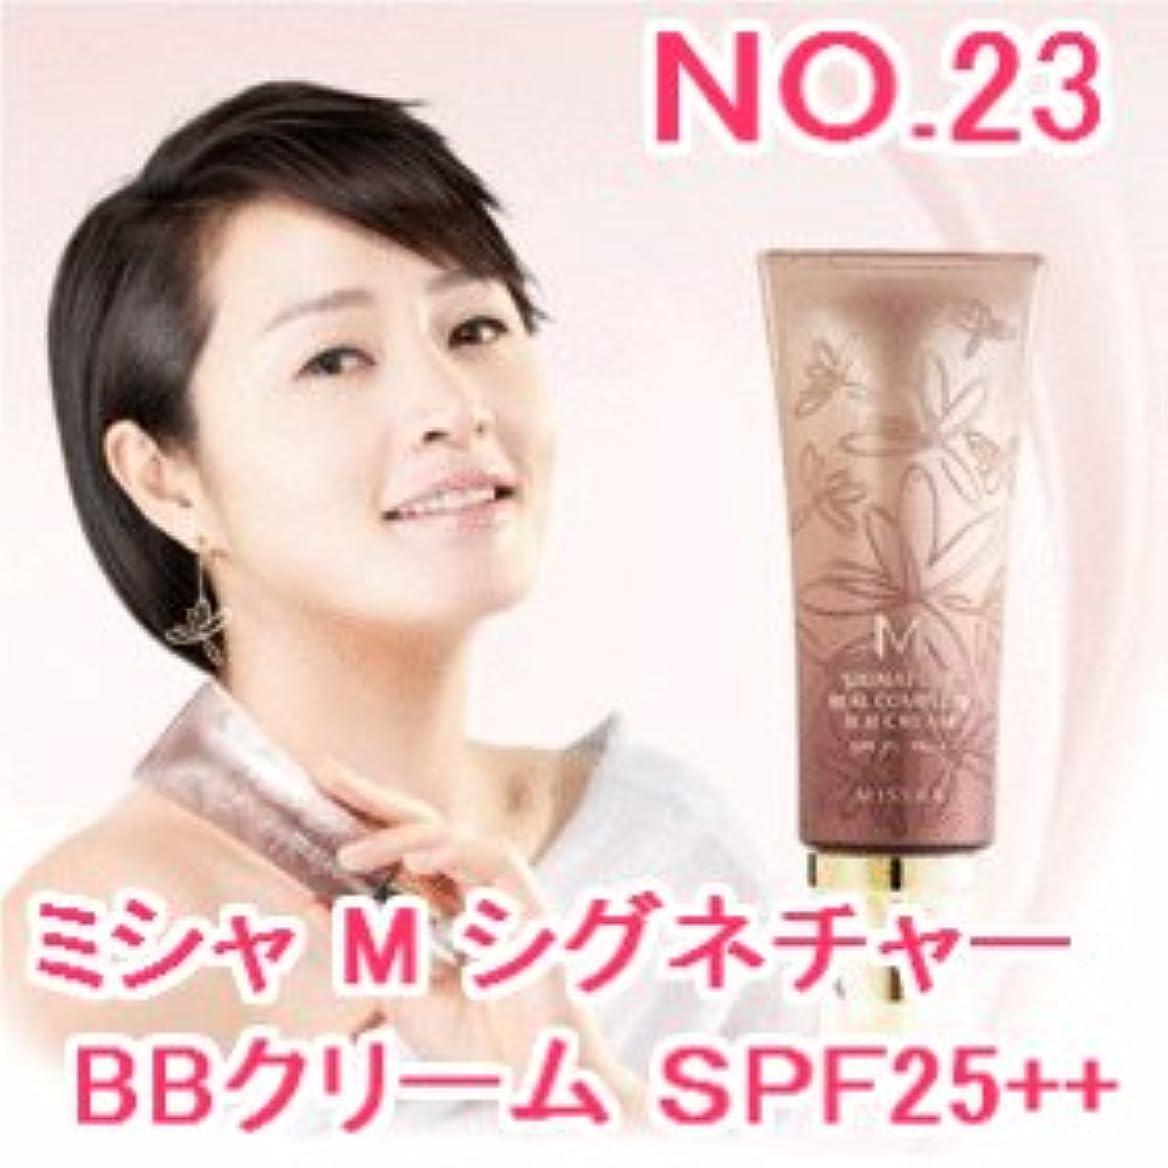 閃光遠えアベニューNO.23 ミシャ M シグネチャー リアルコンプリート BBクリーム SPF25 PA++